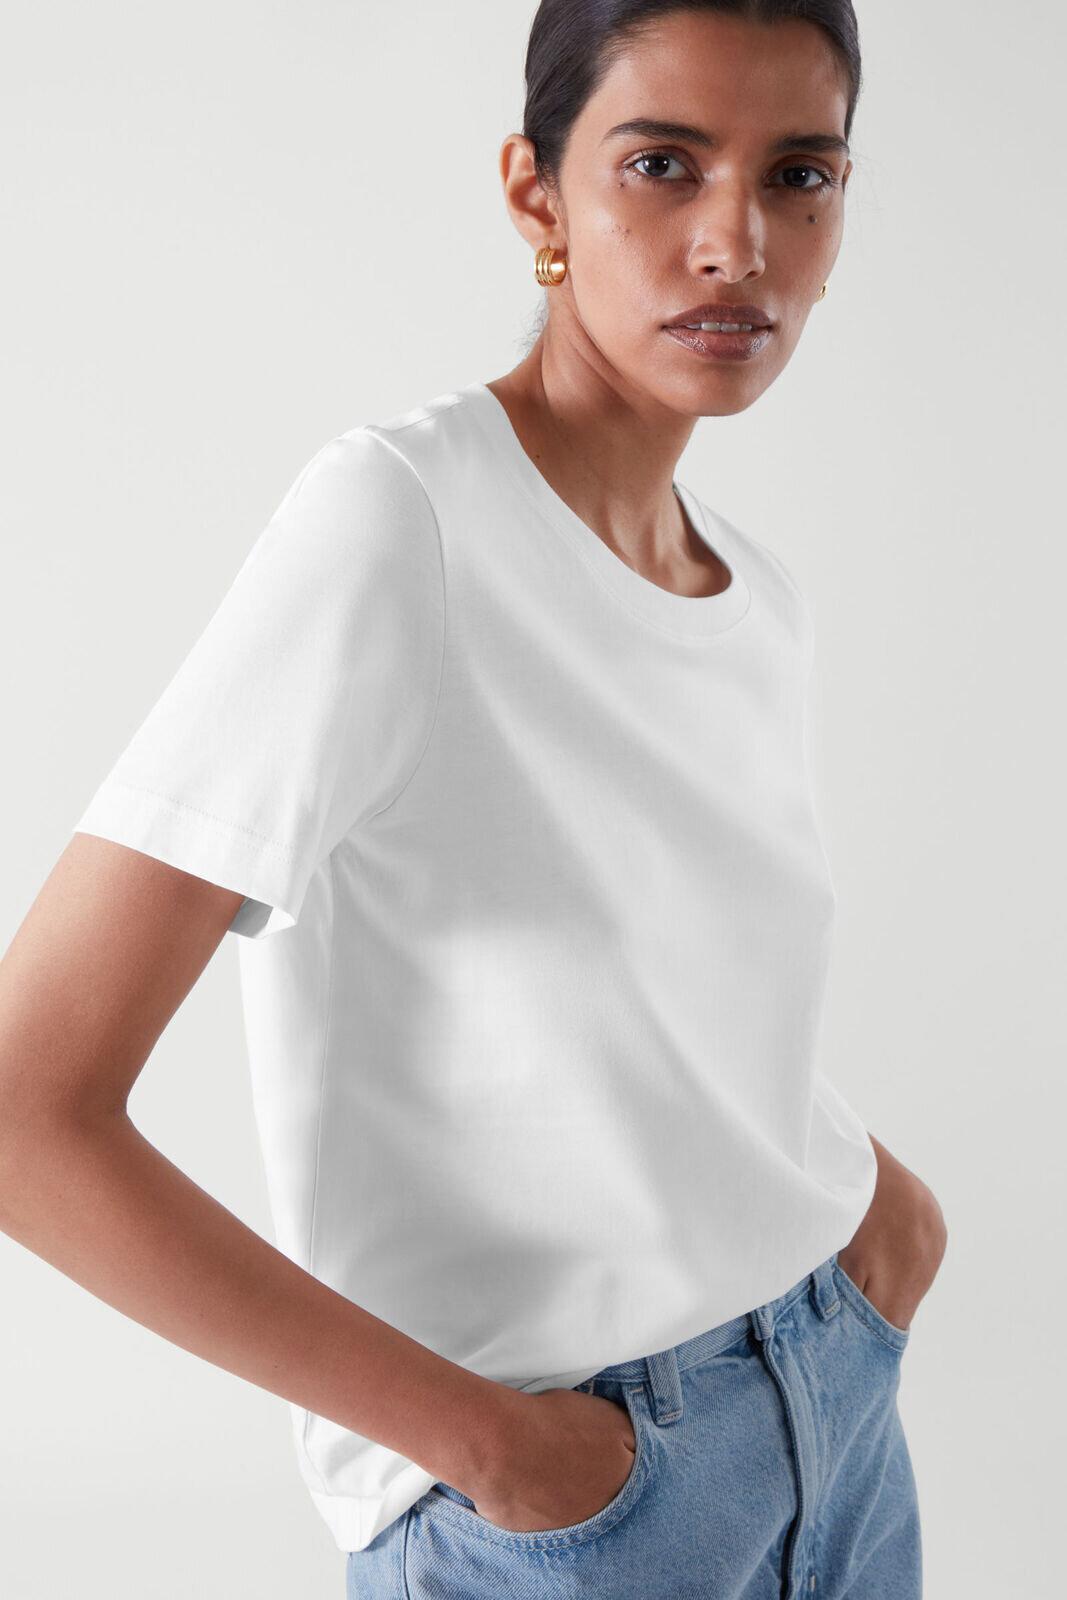 Hvit T-skjorte i løsere passform